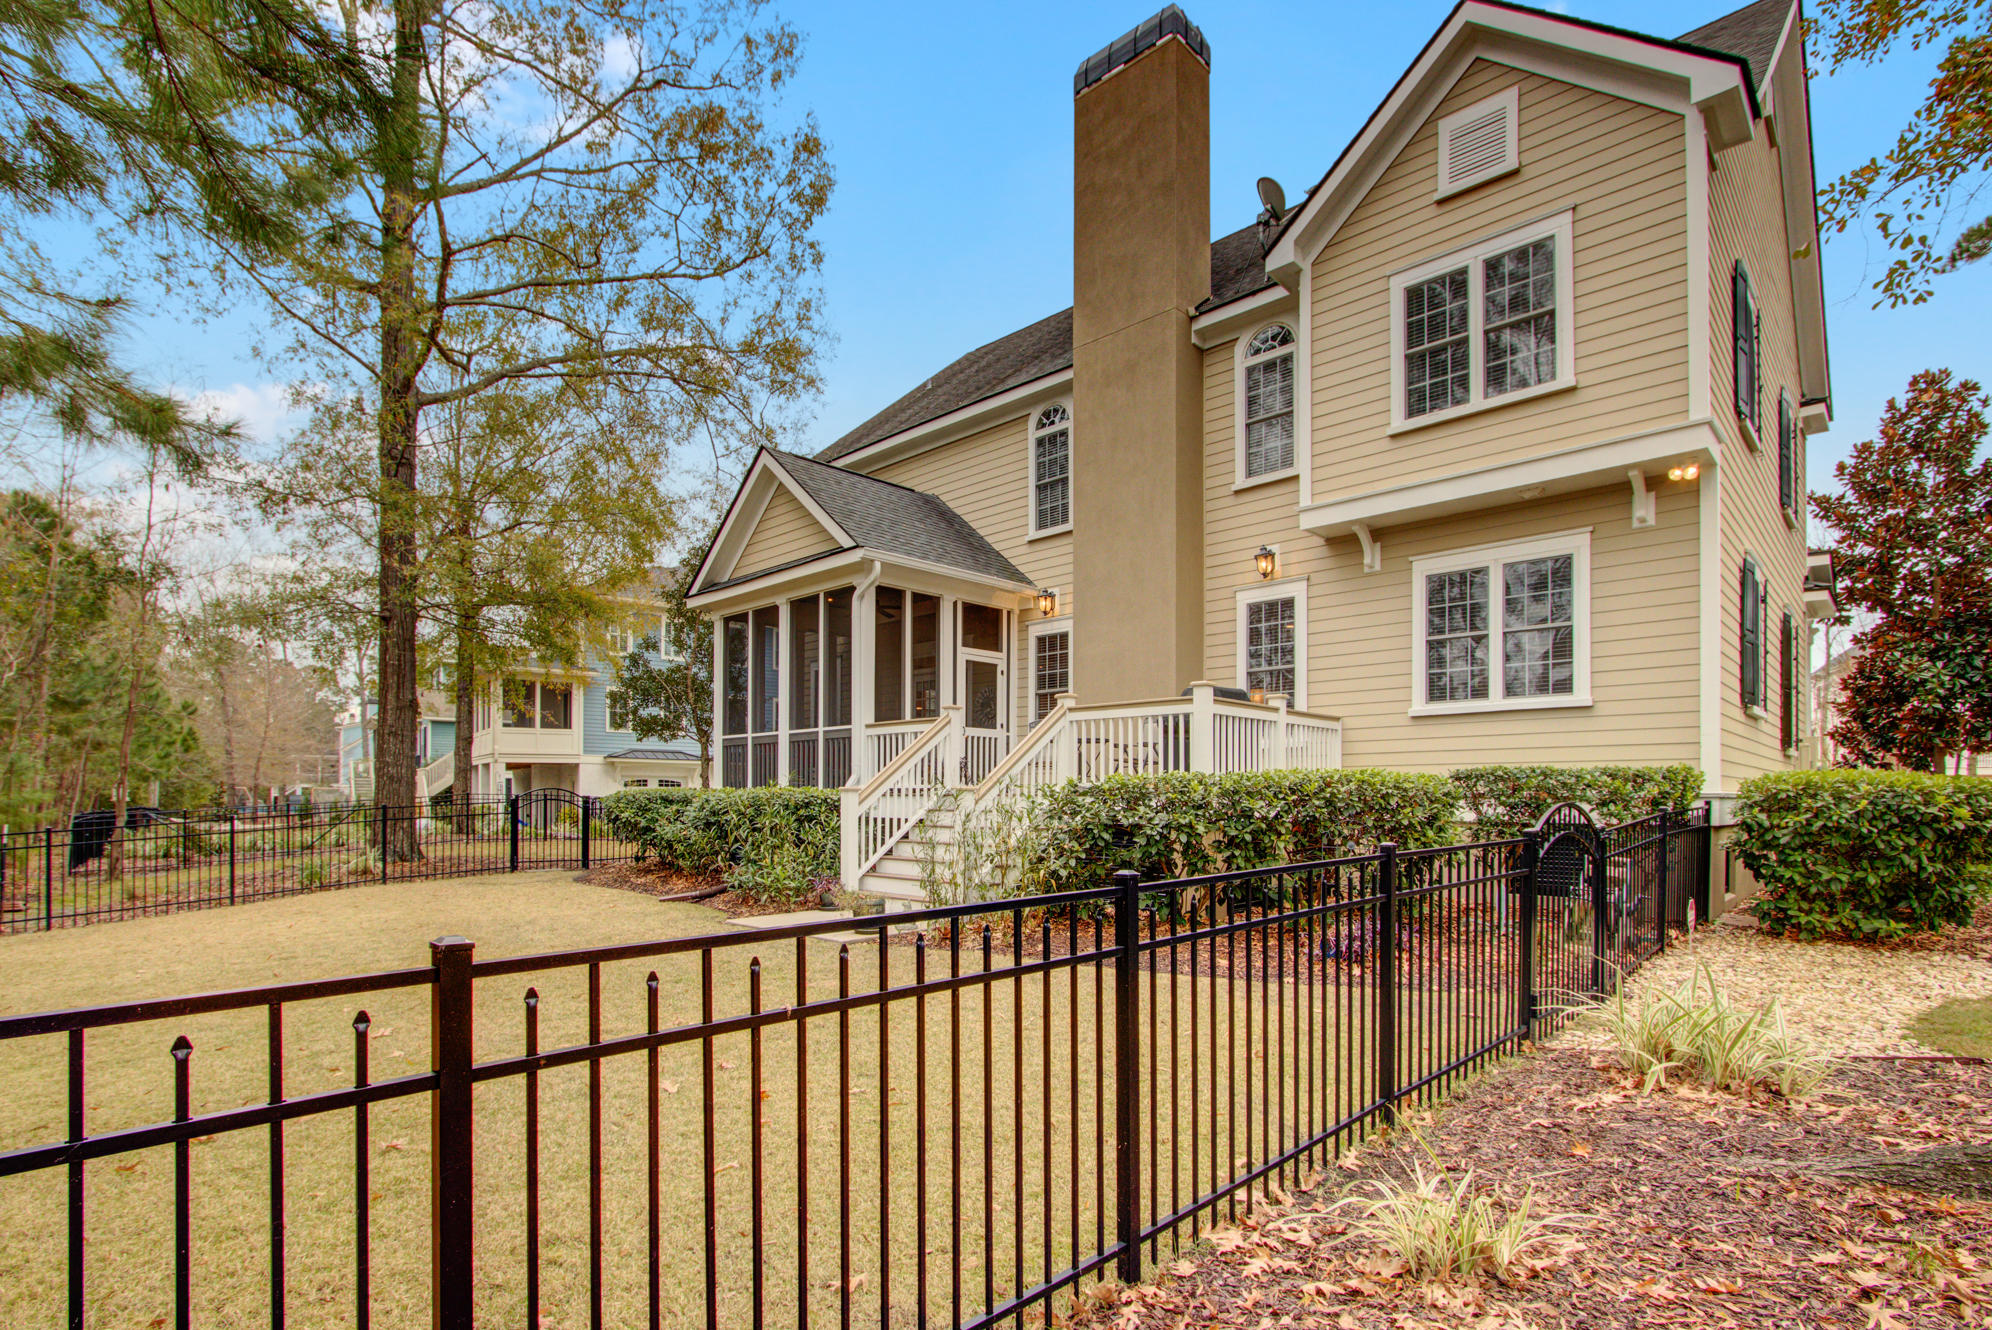 Park West Homes For Sale - 1527 Capel, Mount Pleasant, SC - 47